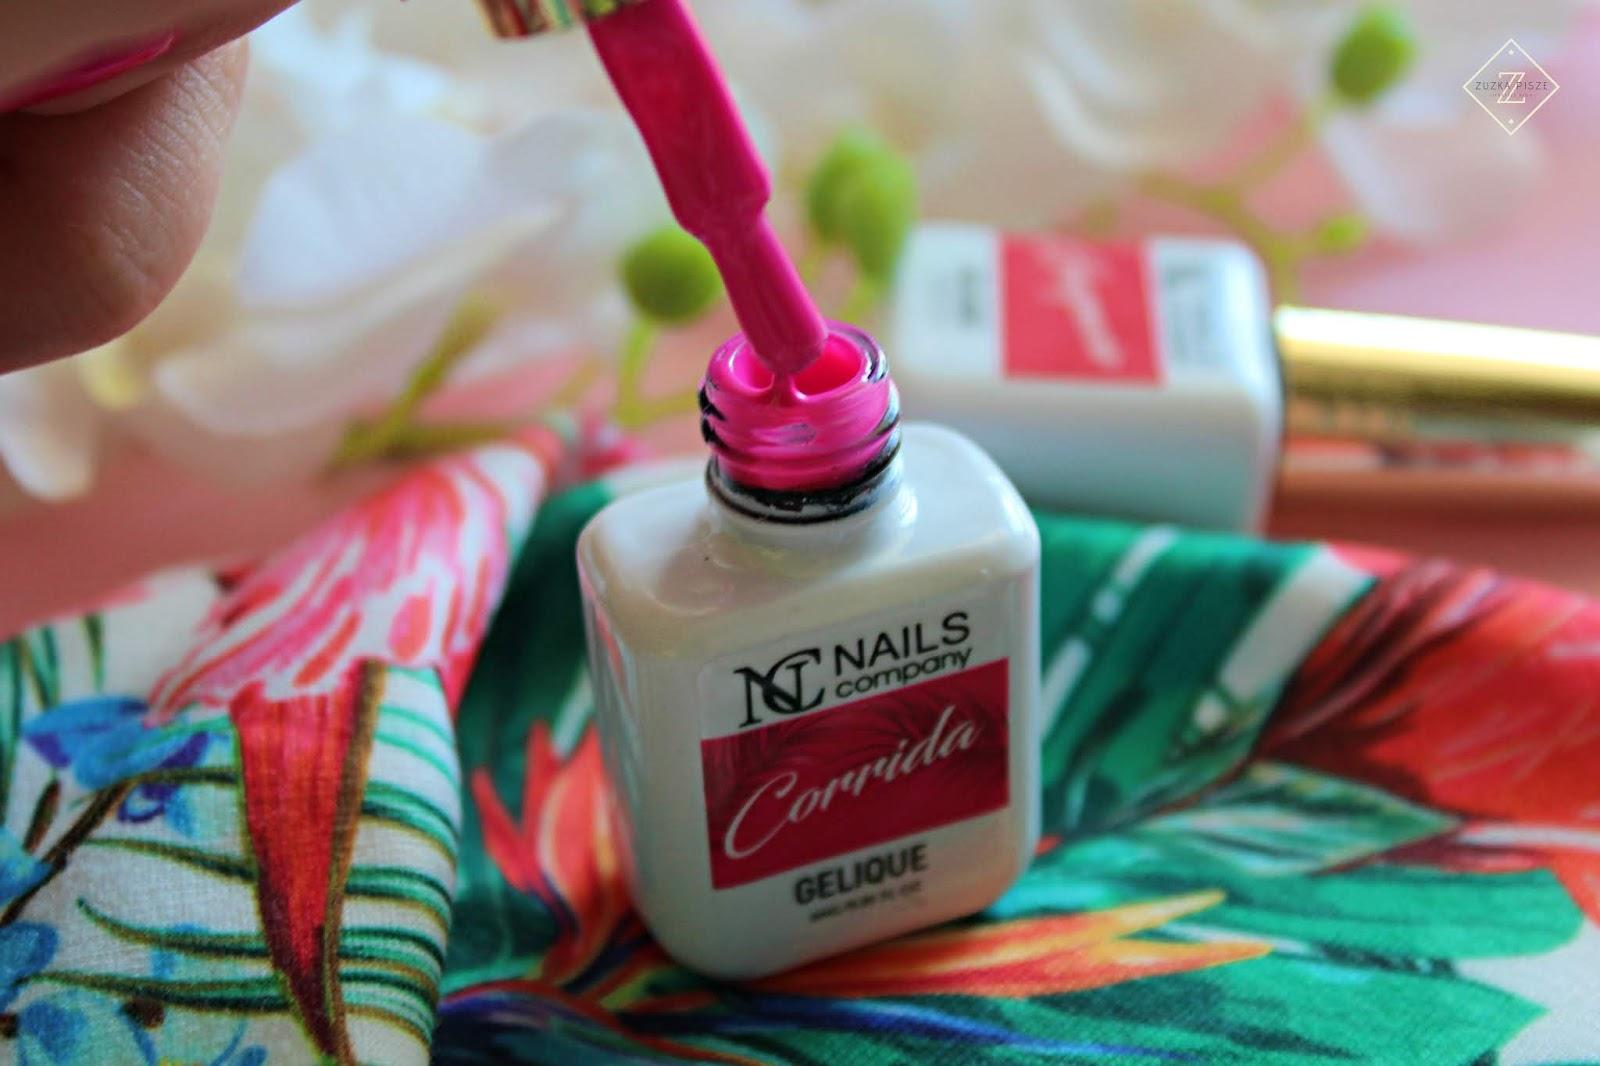 Lakier hybrydowy Corrida NC Nails Company